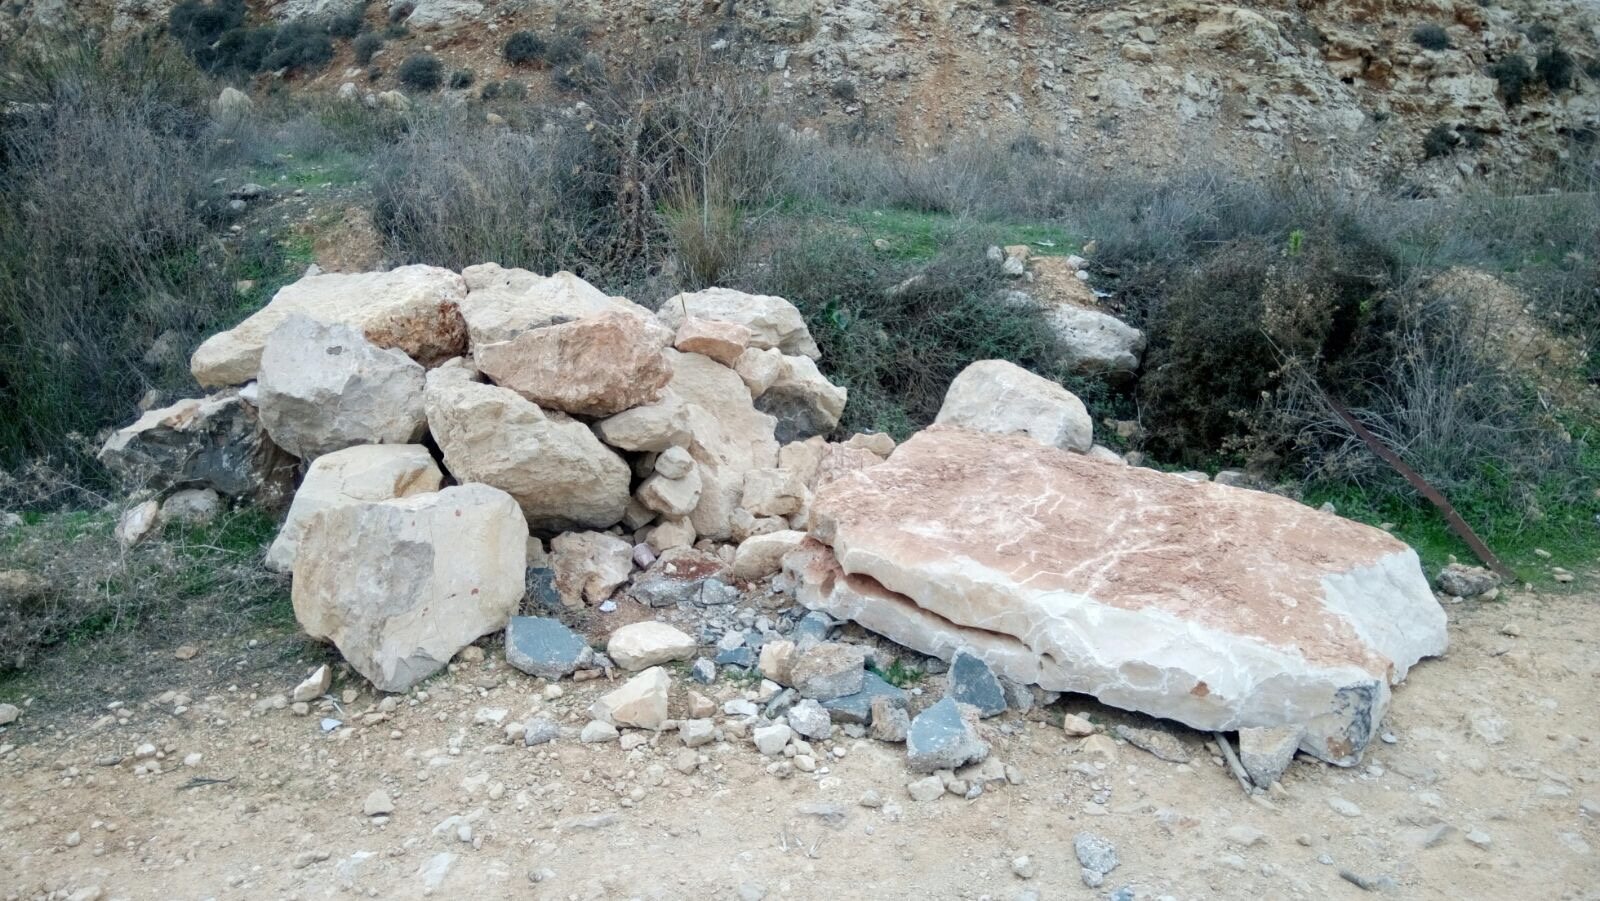 פשע שנאה: ערבים הרסו את האנדרטה לזכר דני גונן ז״ל